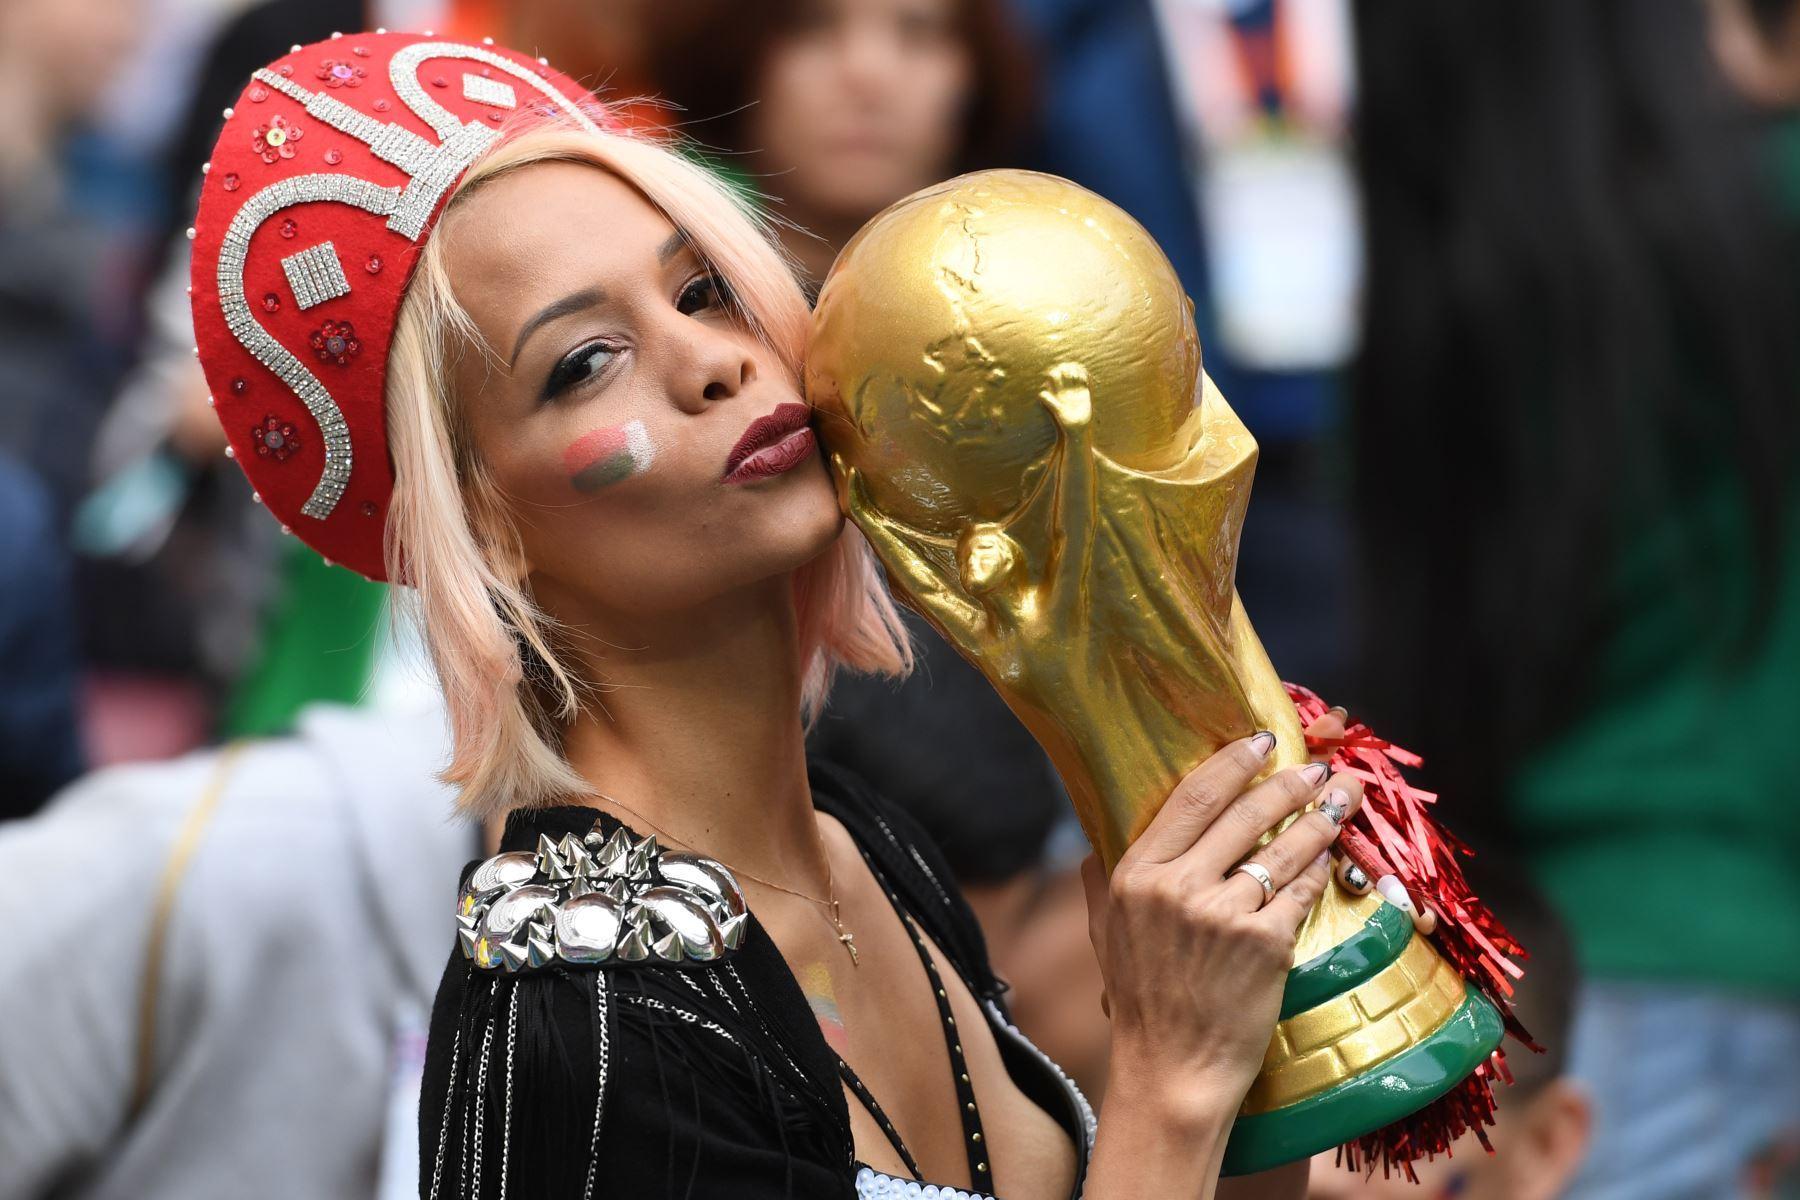 Una mujer Rusa hace barra a su selección antes del partido de fútbol preliminar ronda entre Rusia y Arabia Saudita en Moscú, Rusia, 14 de junio de 2018. Foto: EFE